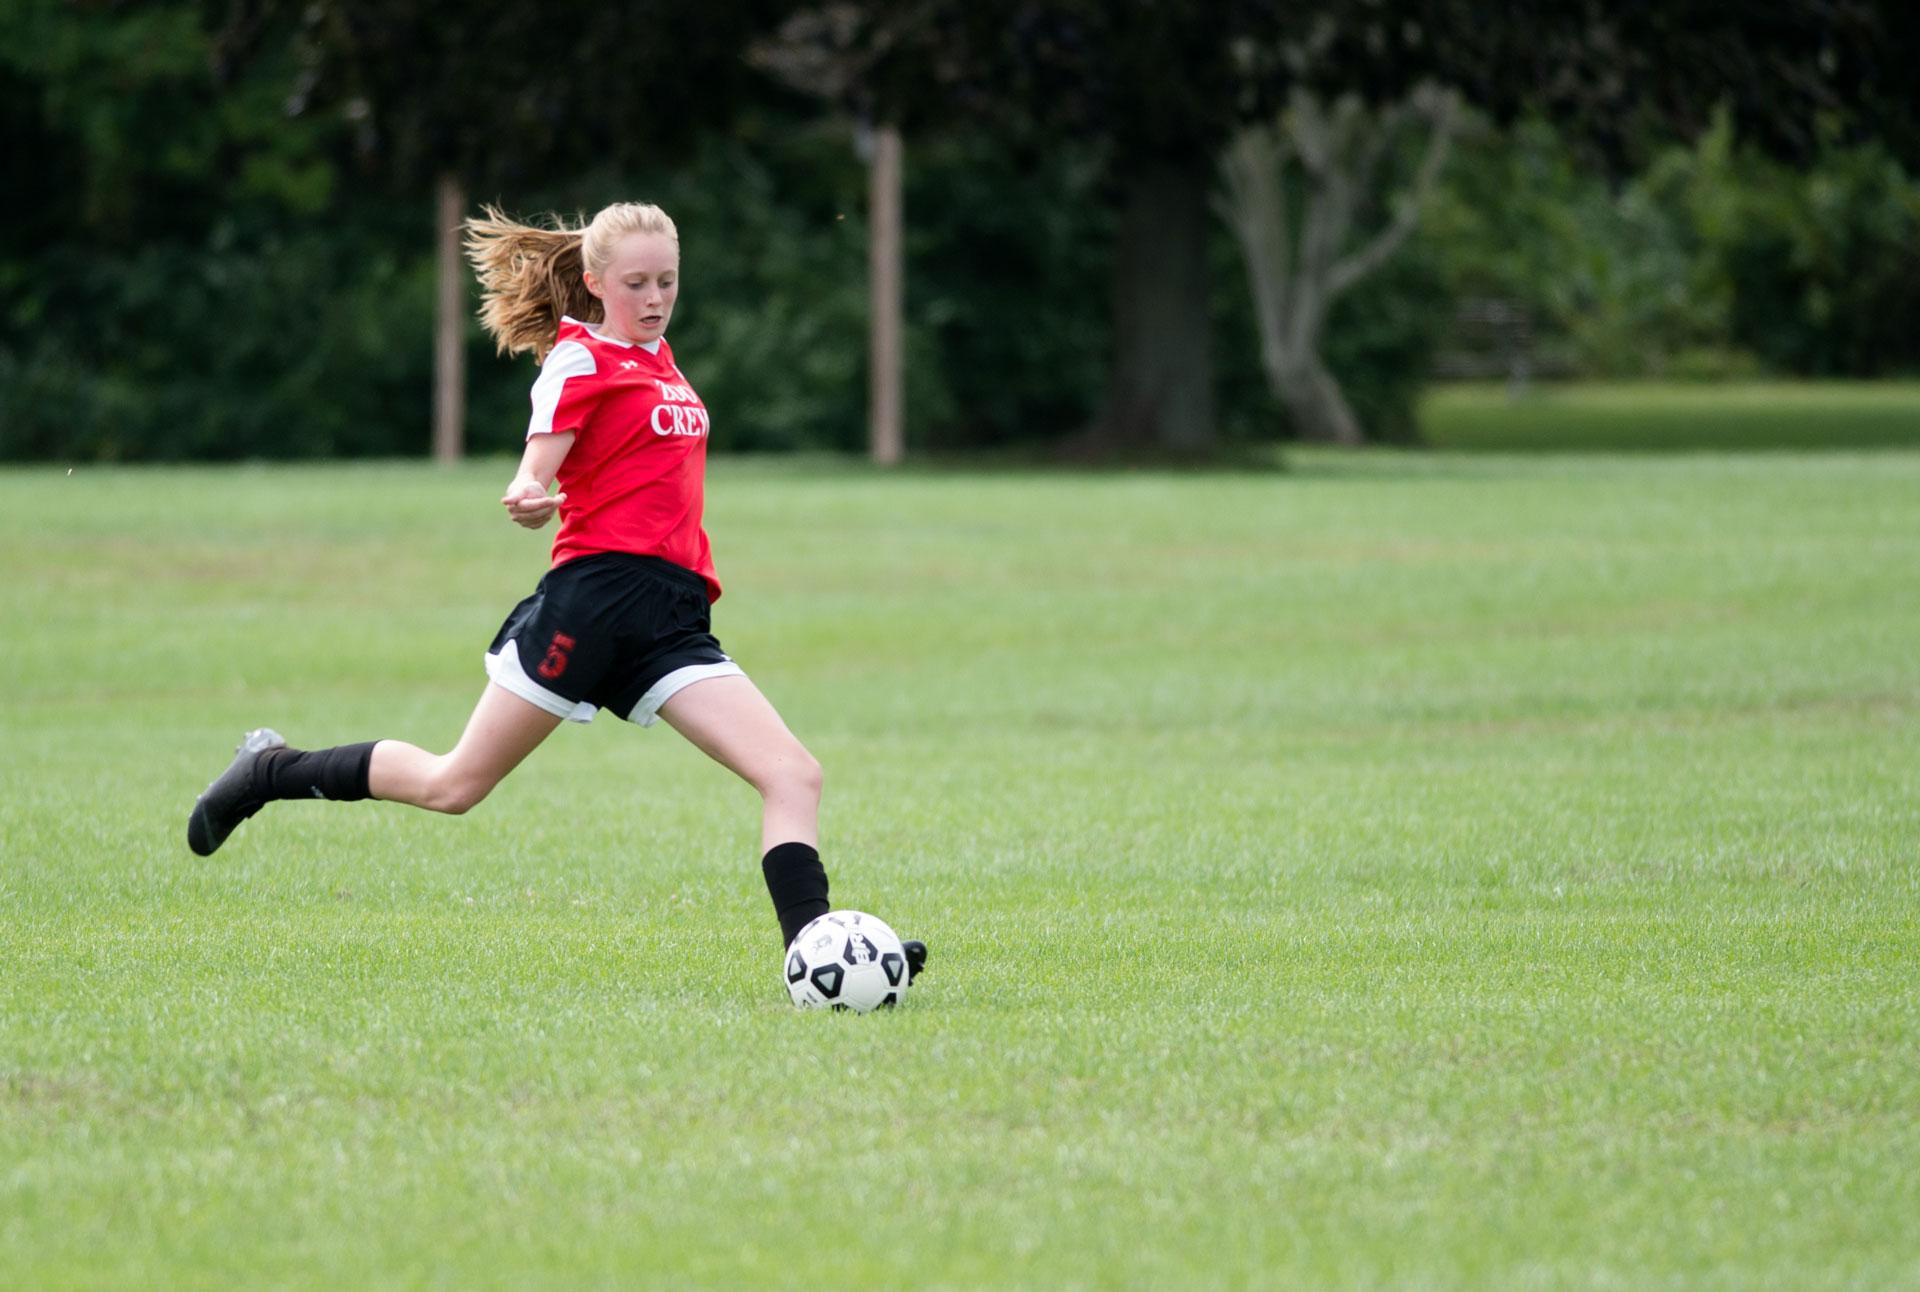 Soccer_u16_180909-45.jpg